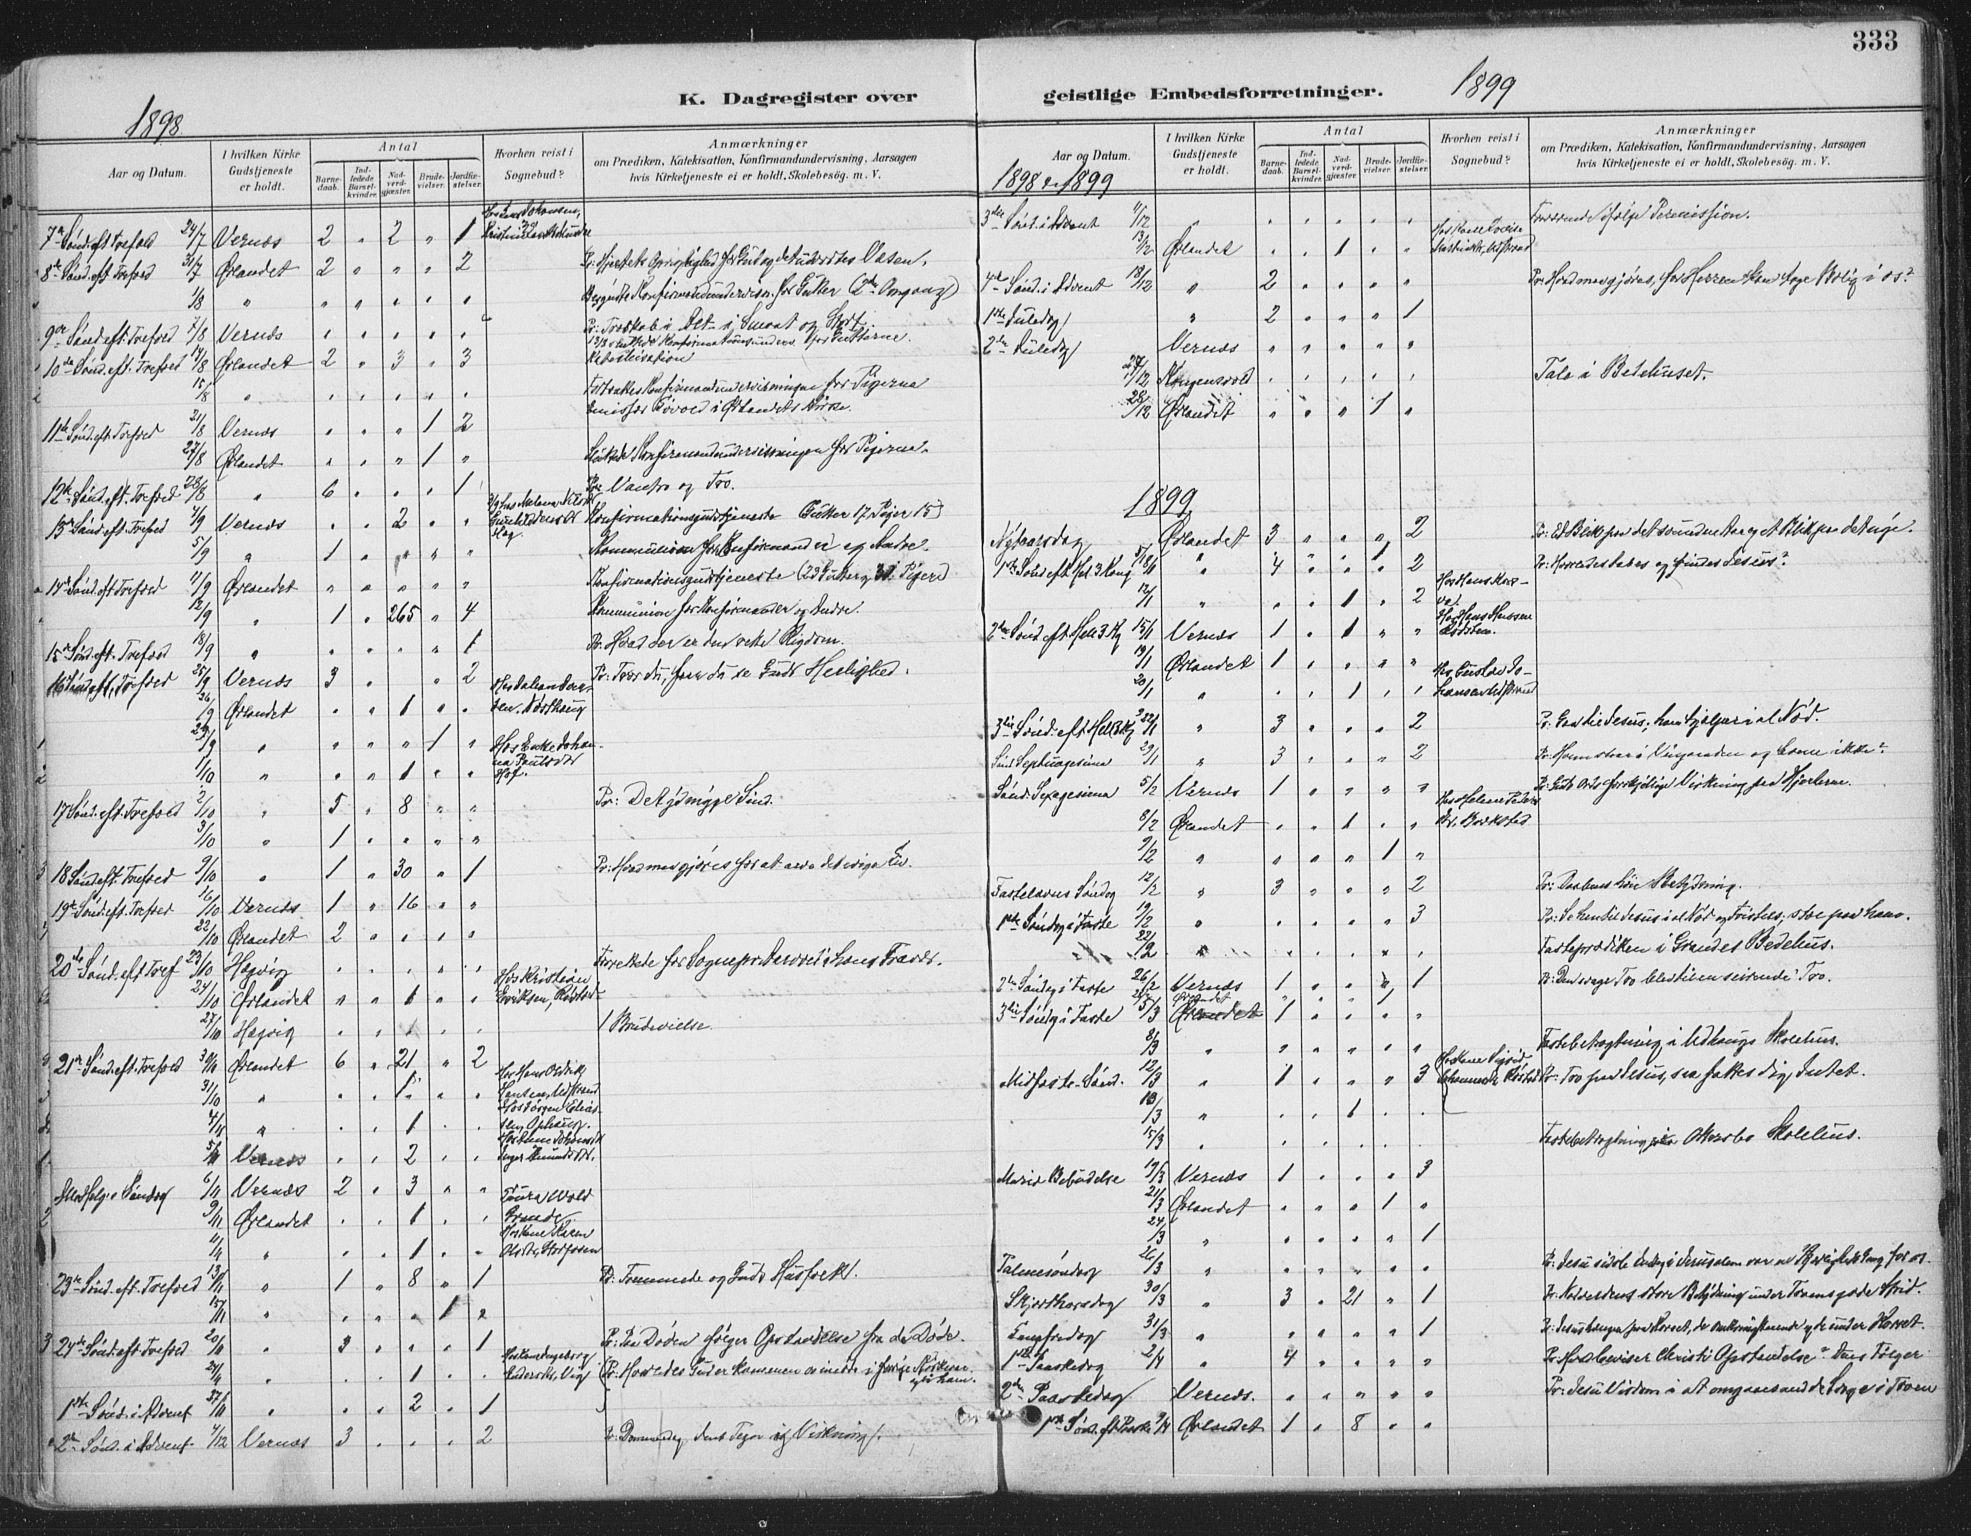 SAT, Ministerialprotokoller, klokkerbøker og fødselsregistre - Sør-Trøndelag, 659/L0743: Ministerialbok nr. 659A13, 1893-1910, s. 333